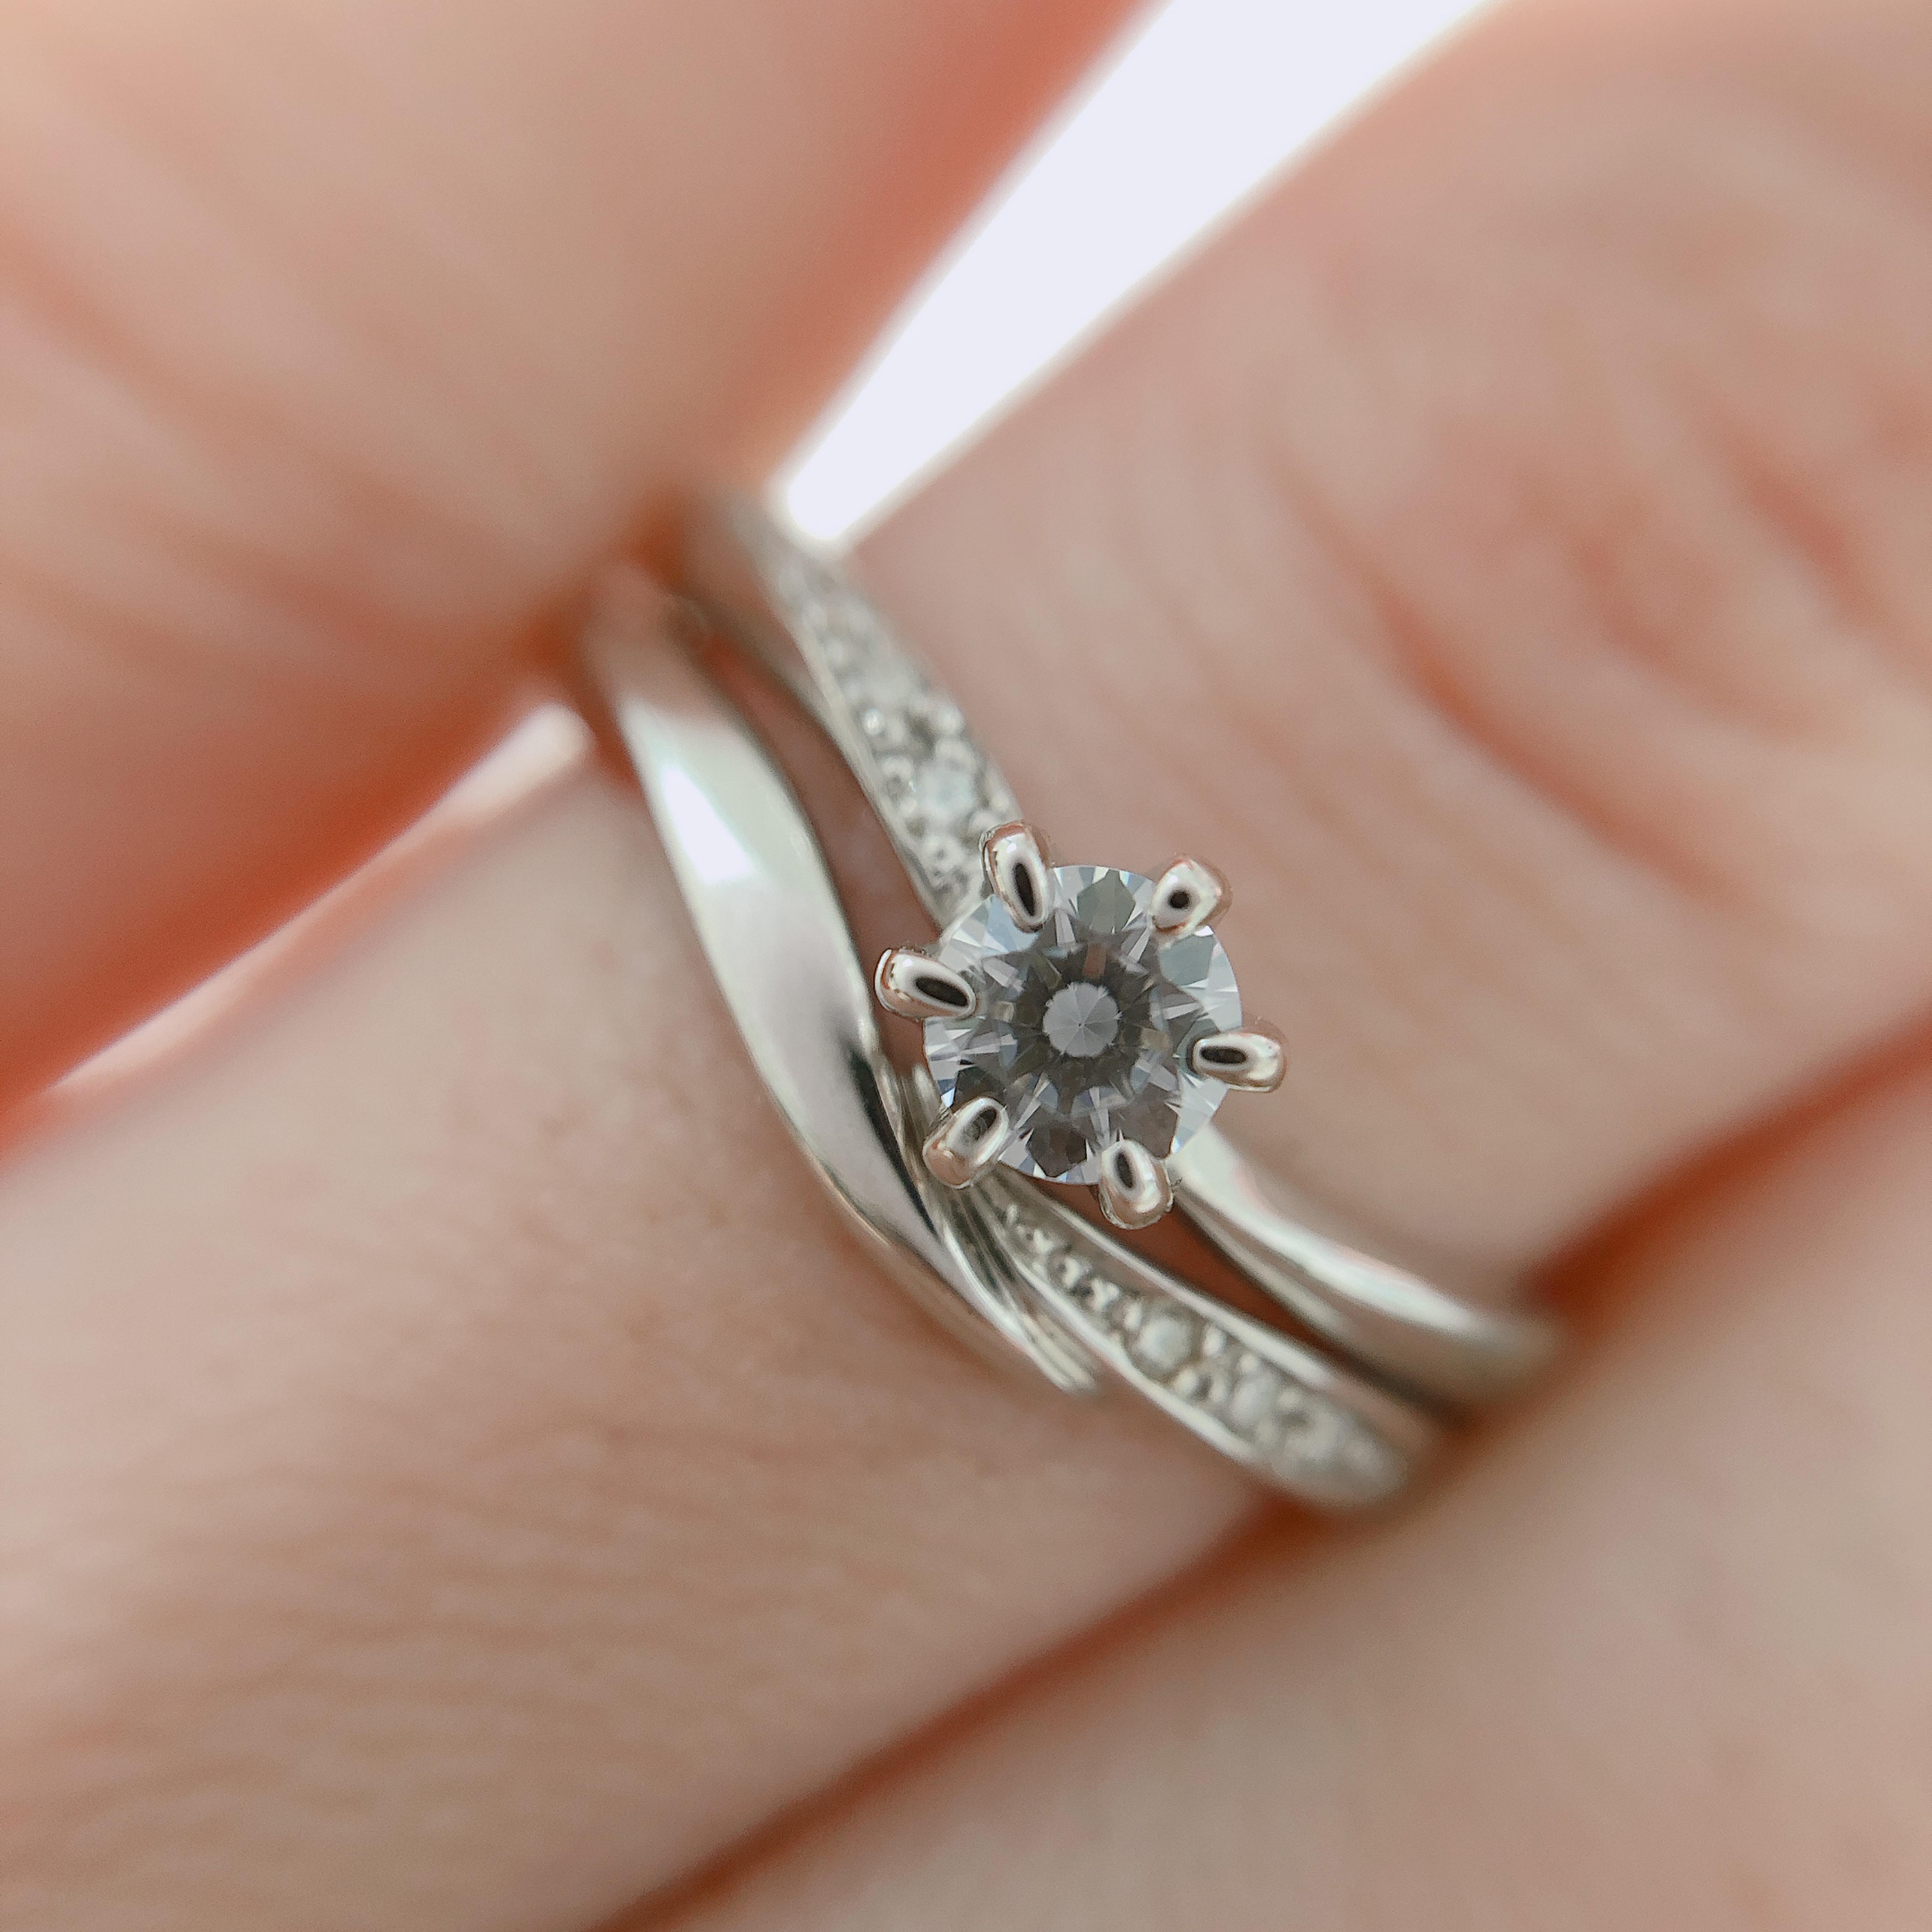 婚約指輪は、左に。結婚指輪は右にダイヤが入っているのでゴージャスな印象に♡